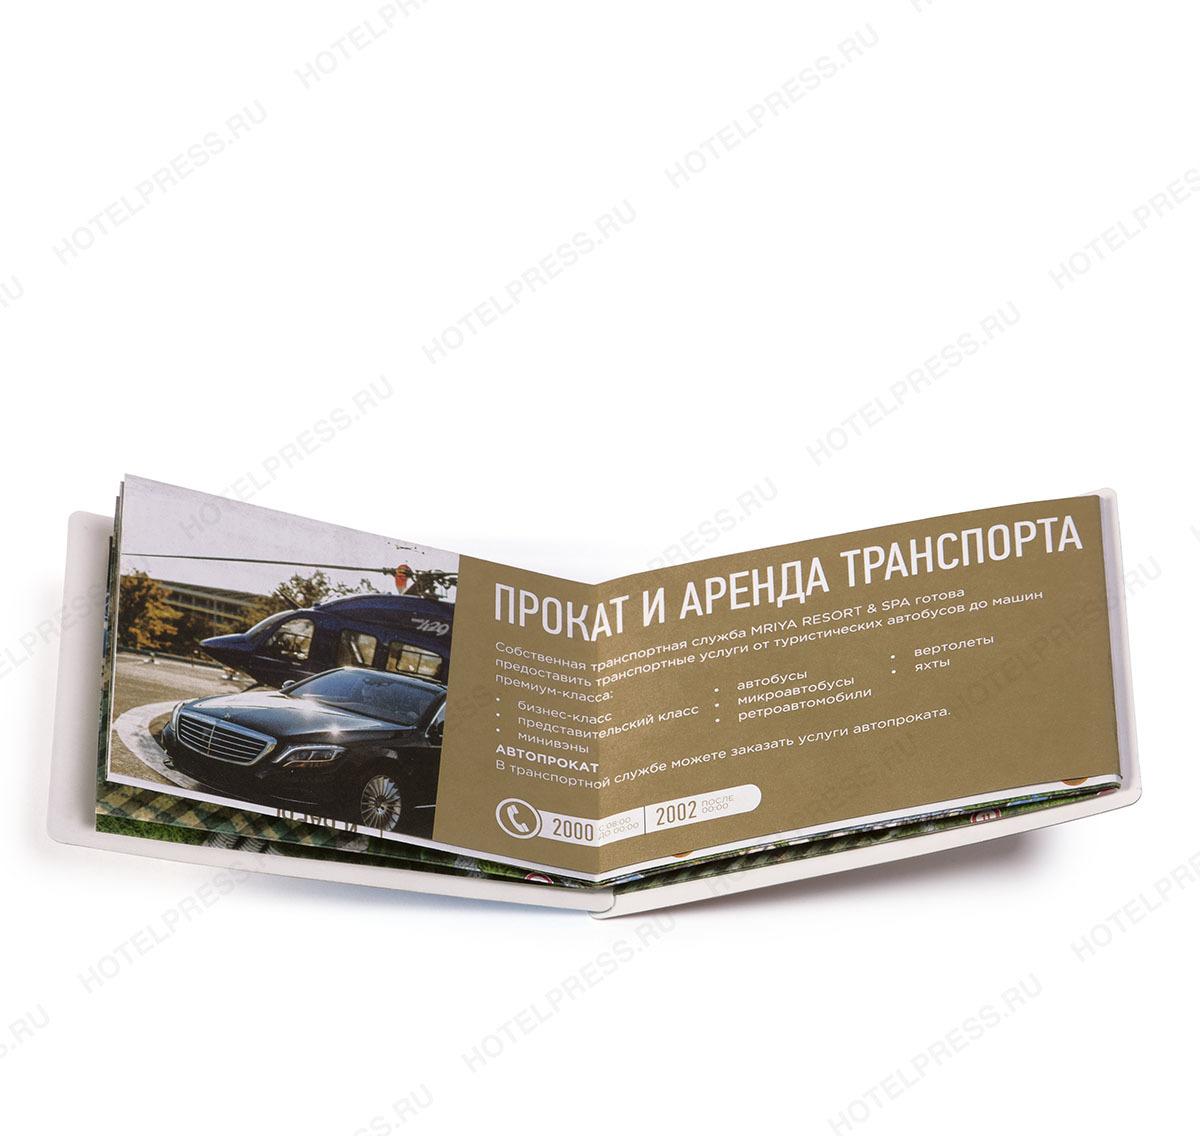 Складной путеводитель cанаторно-курортного комплекса «MriyaResort&Spa»